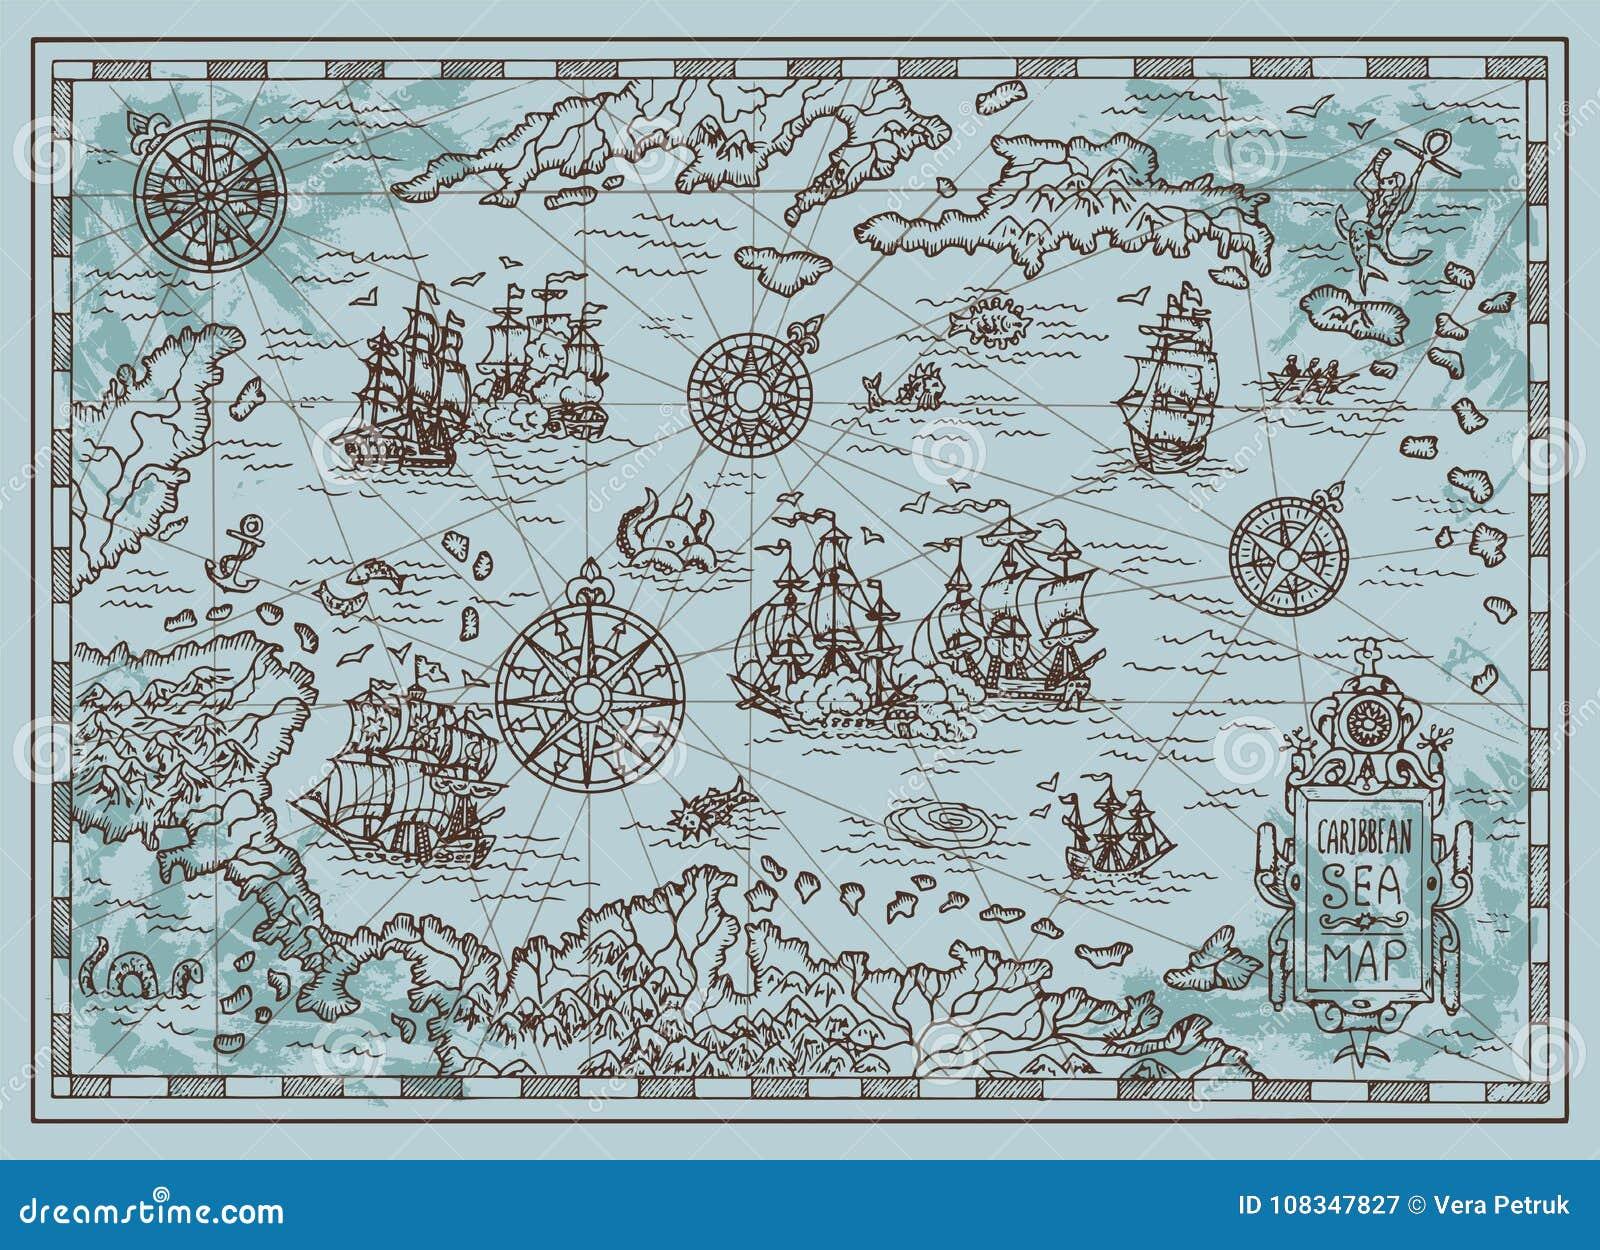 carte au trésor de pirate des caraibes Vieille Carte De La Mer Des Caraïbes Avec Des Bateaux De Pirate